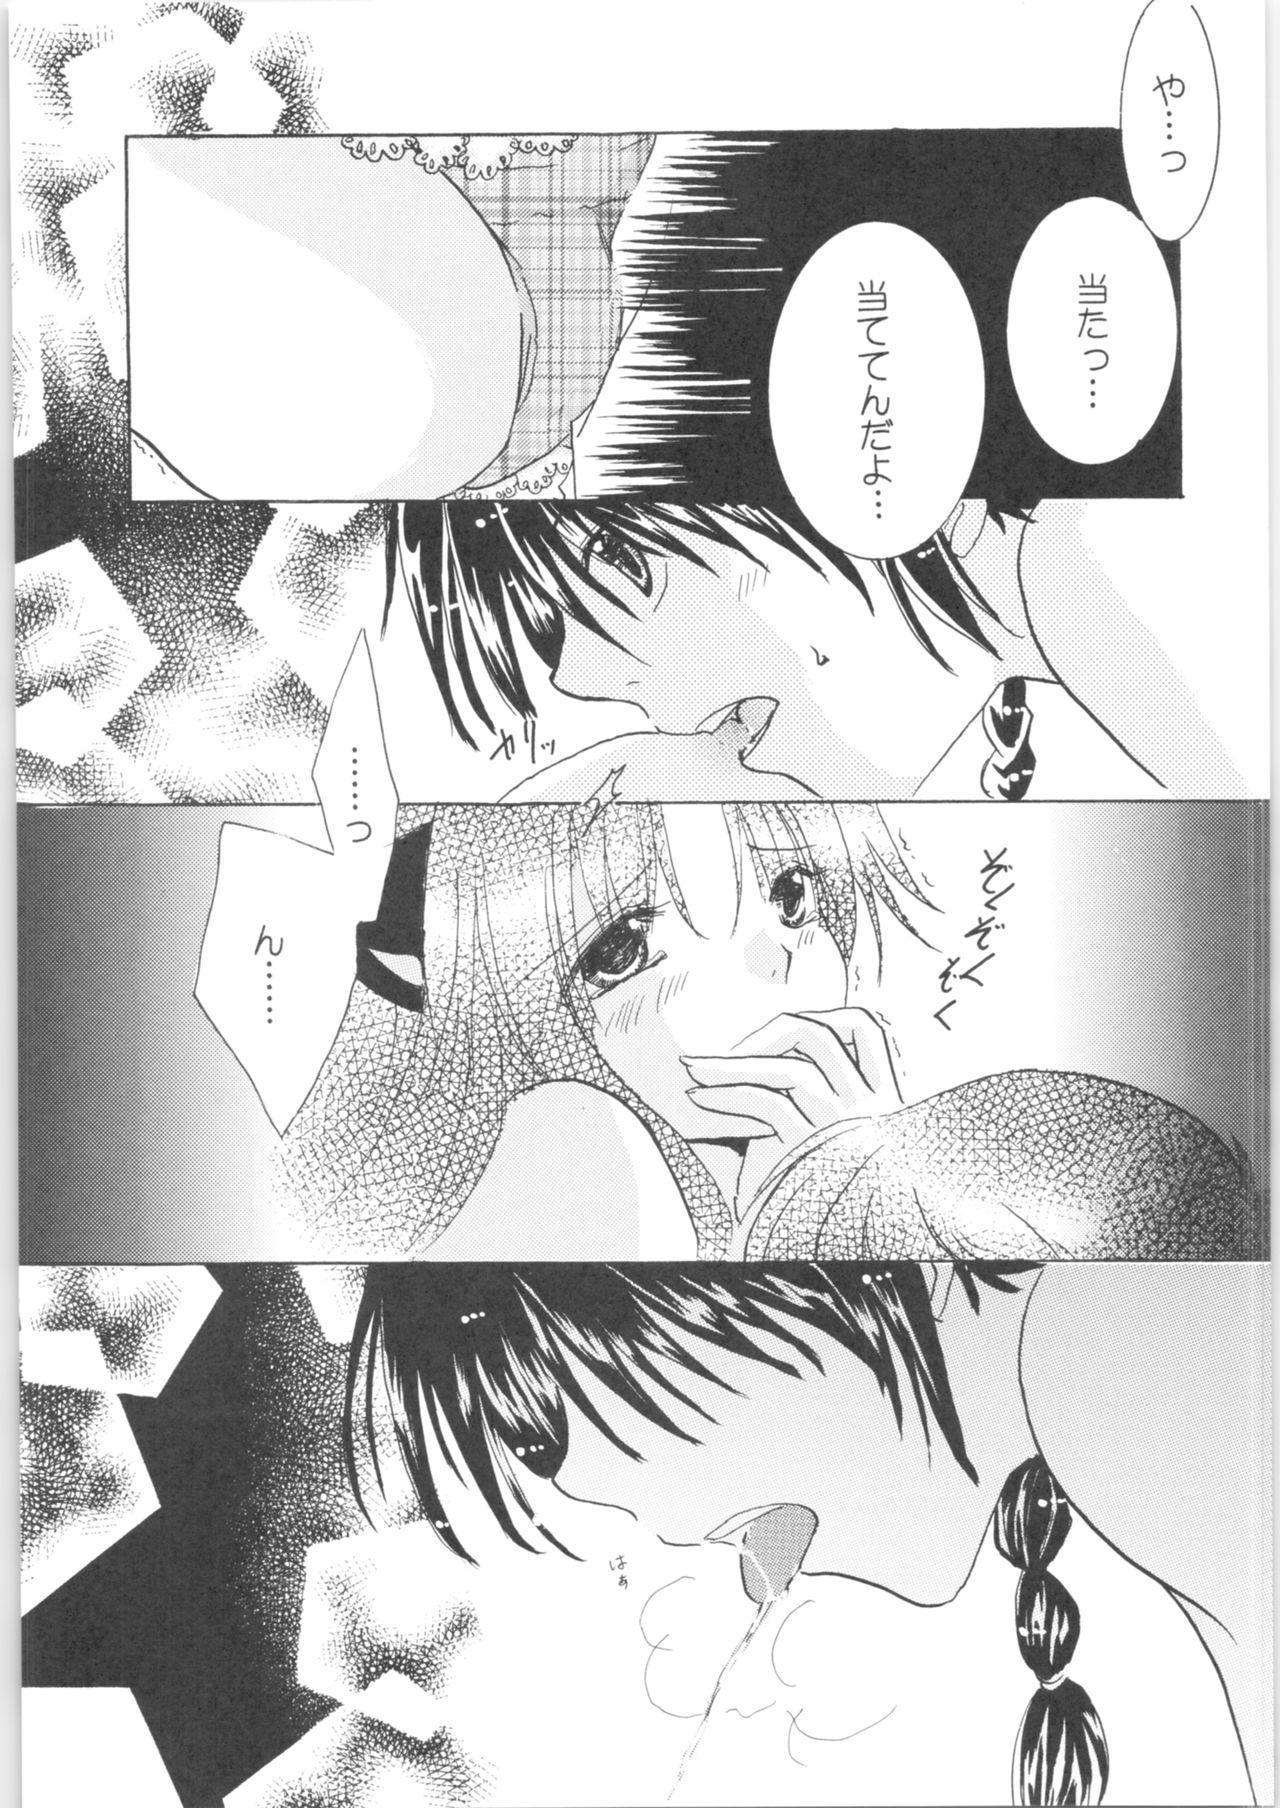 Iinazuke ga Neko ni Narimashite. 19